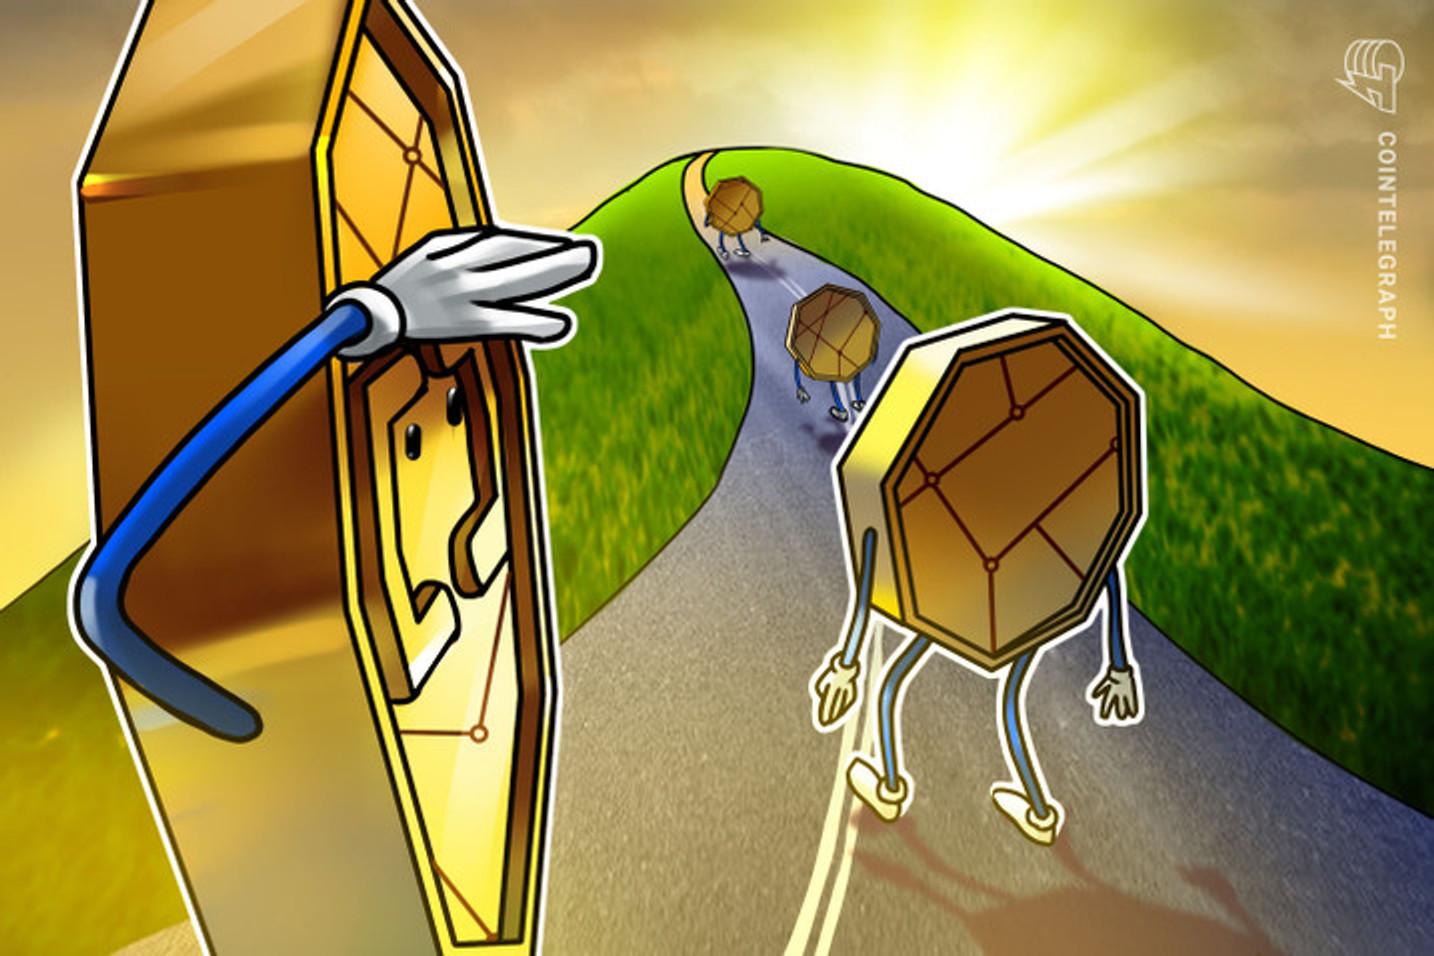 Policia Federal negocia com o Mercado Bitcoin a venda de Bitcoins apreendidos na Operação Madoff